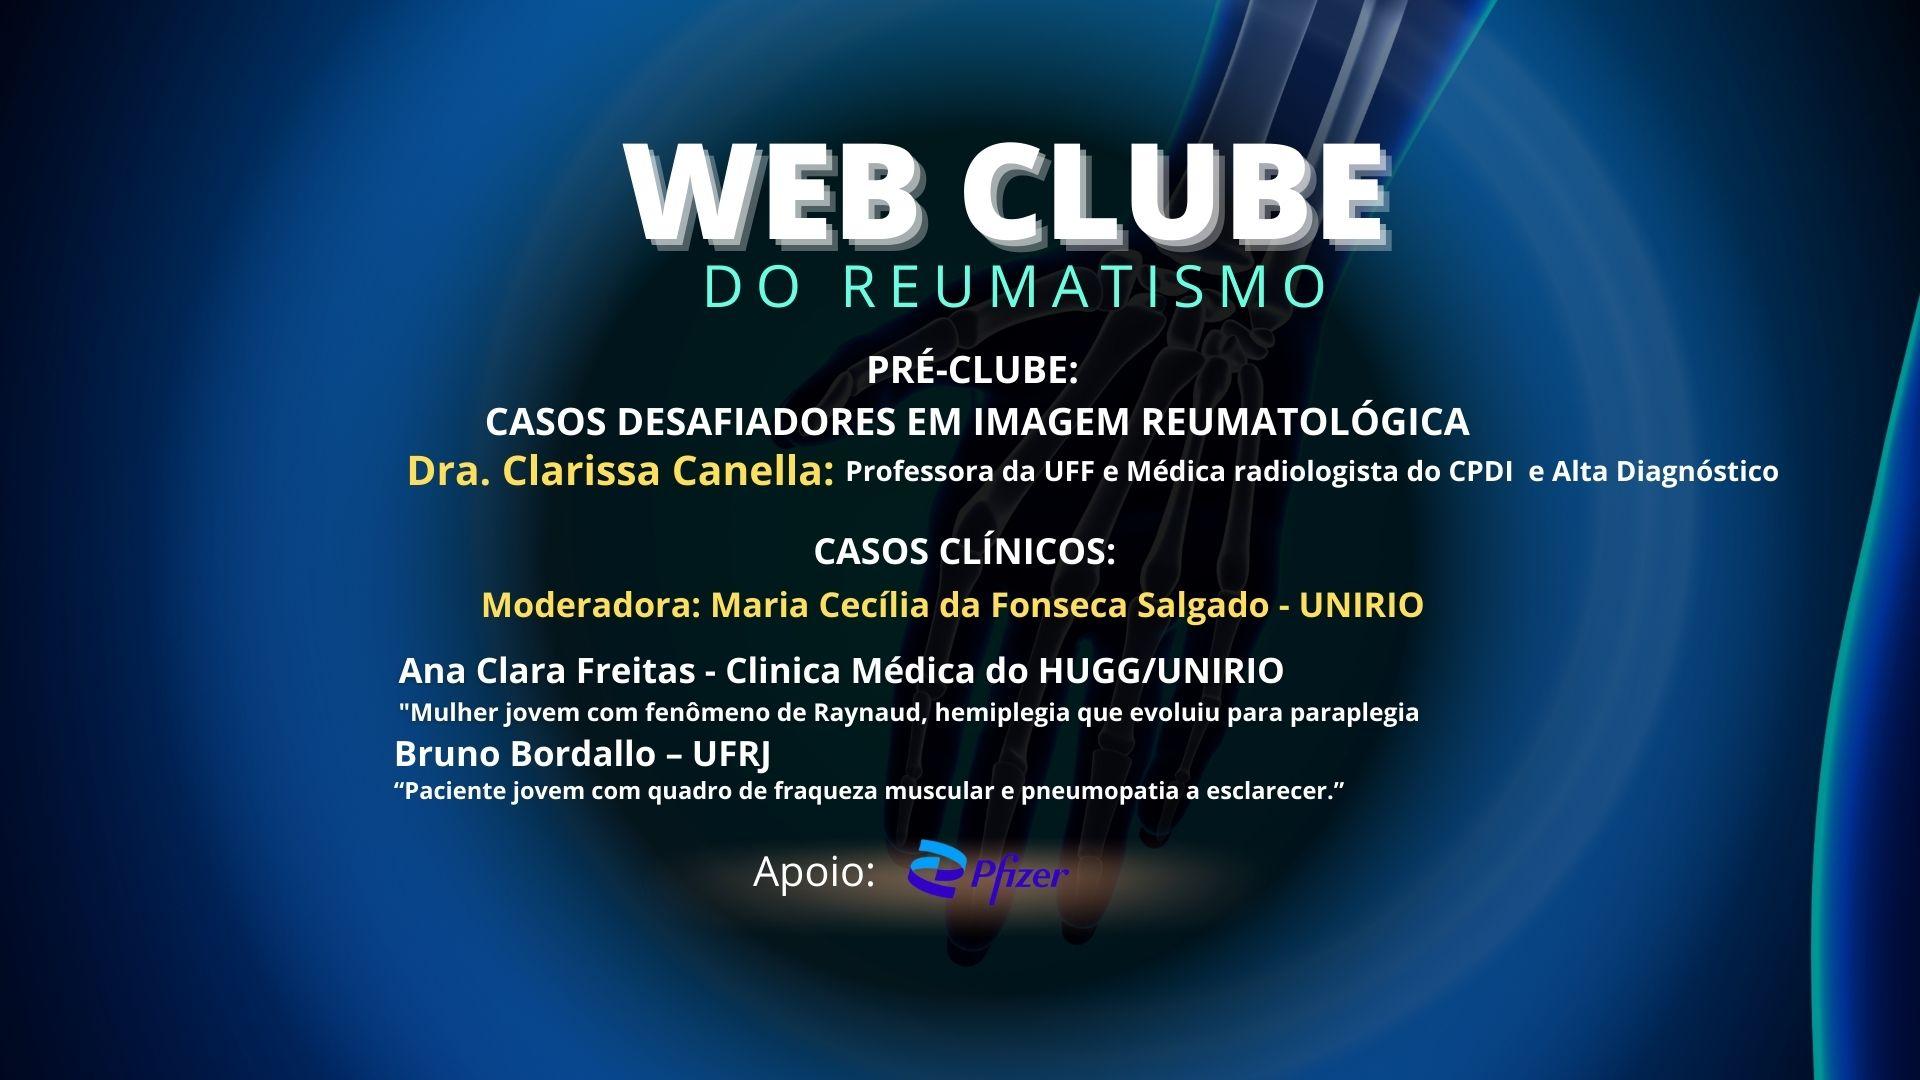 WEB CLUBE DO REUMATISMO